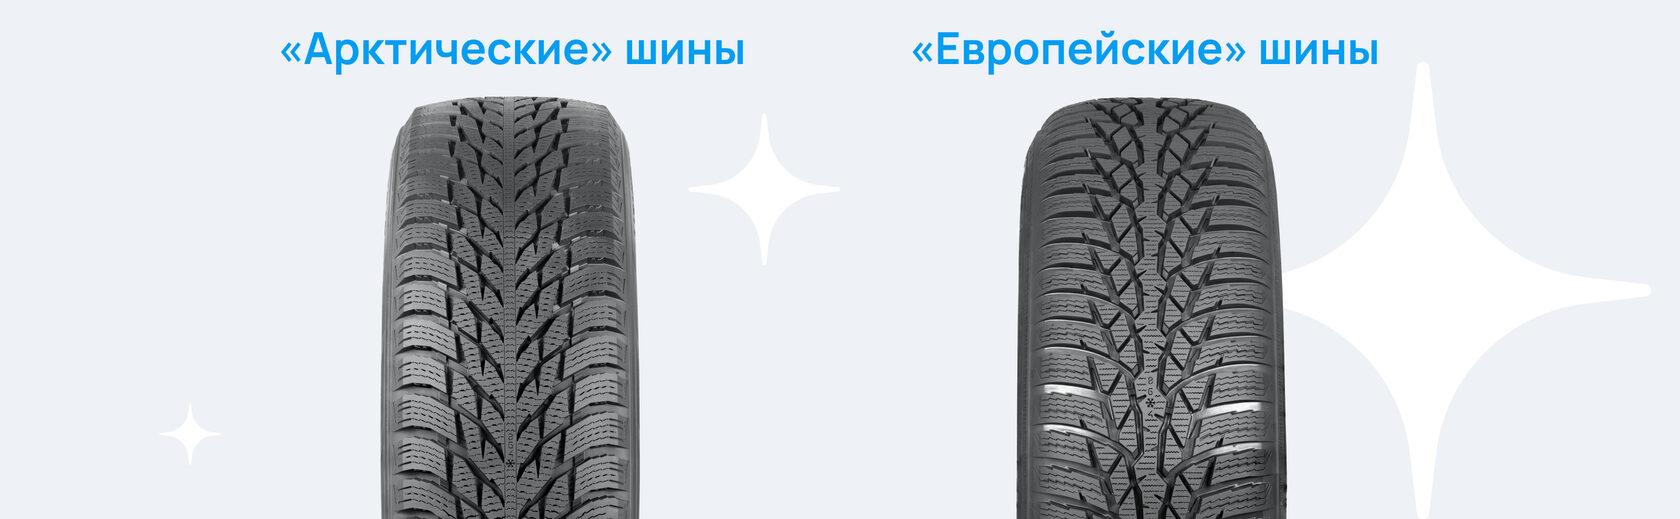 арктические и европейские шины